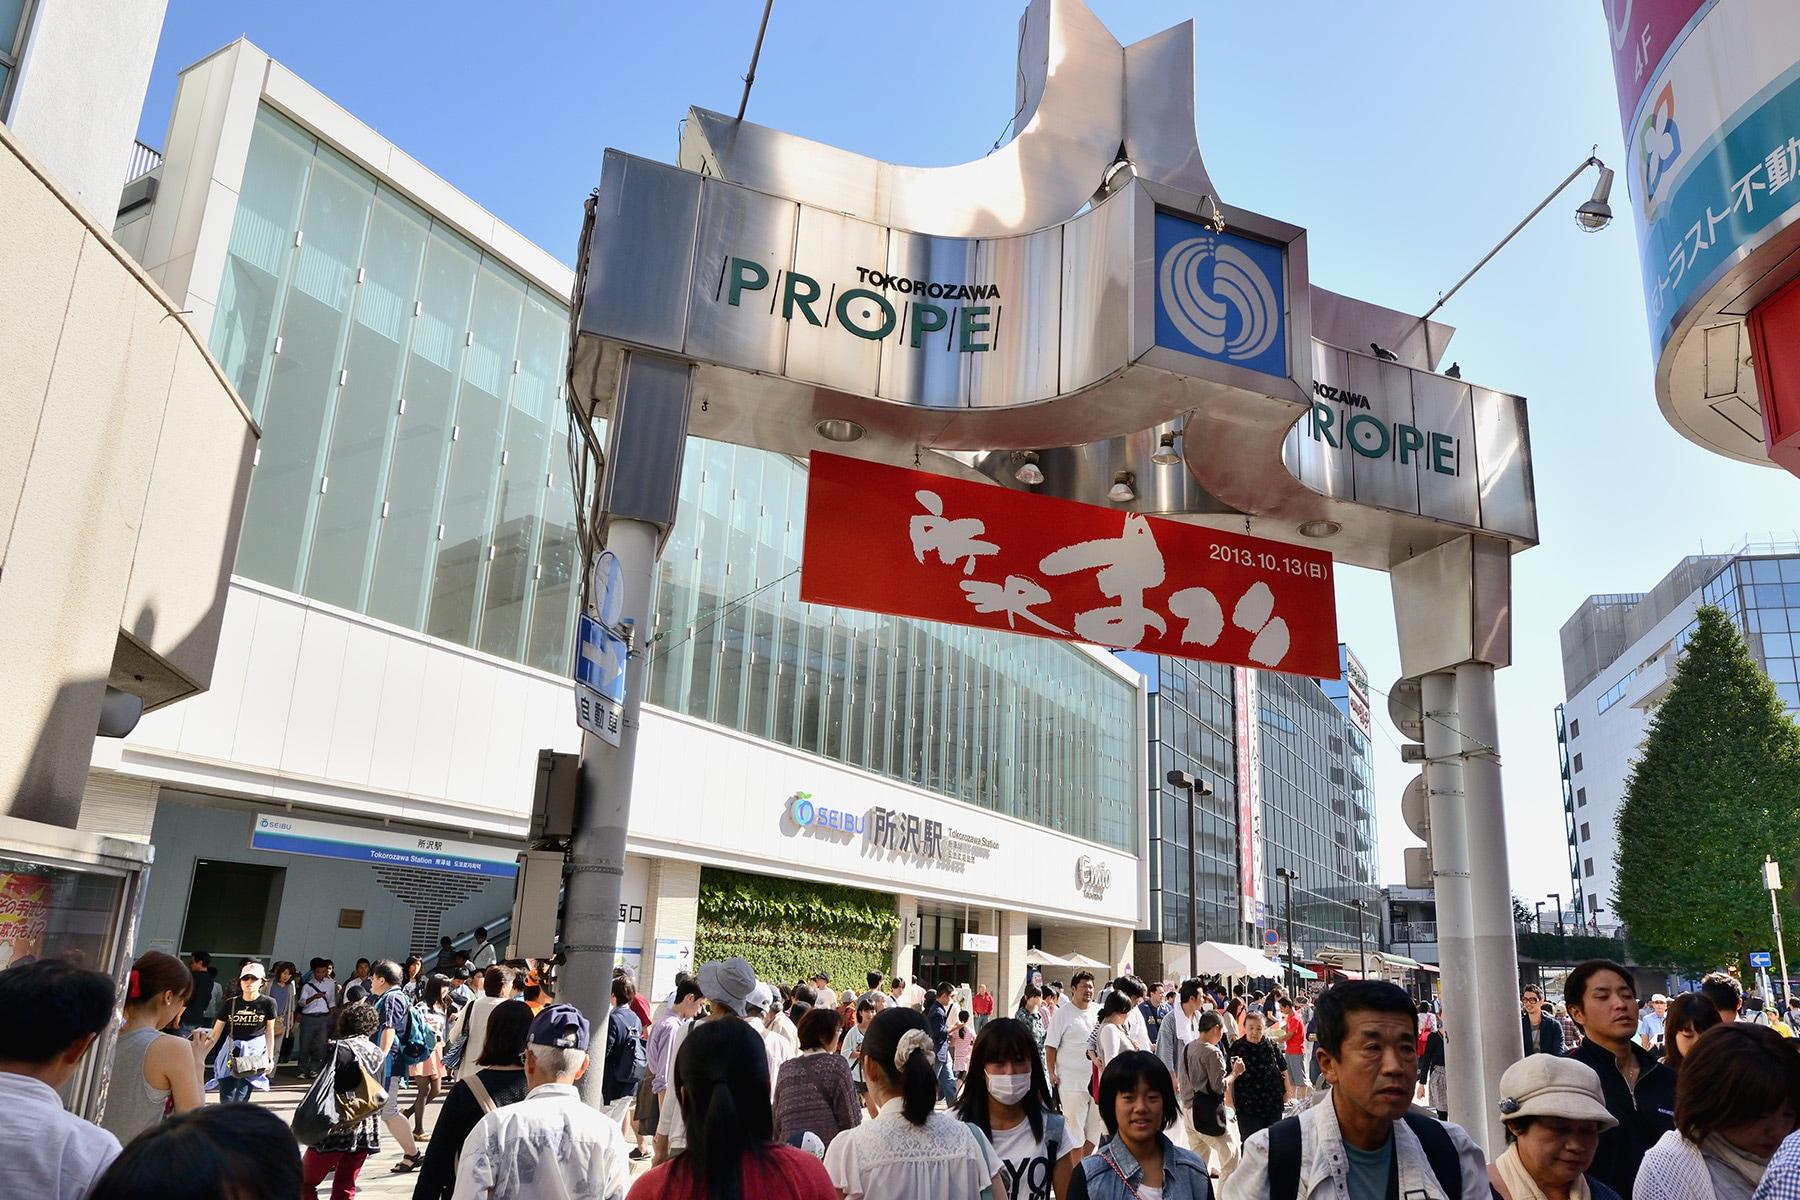 ところざわまつり 西武所沢駅西口・銀座通り付近